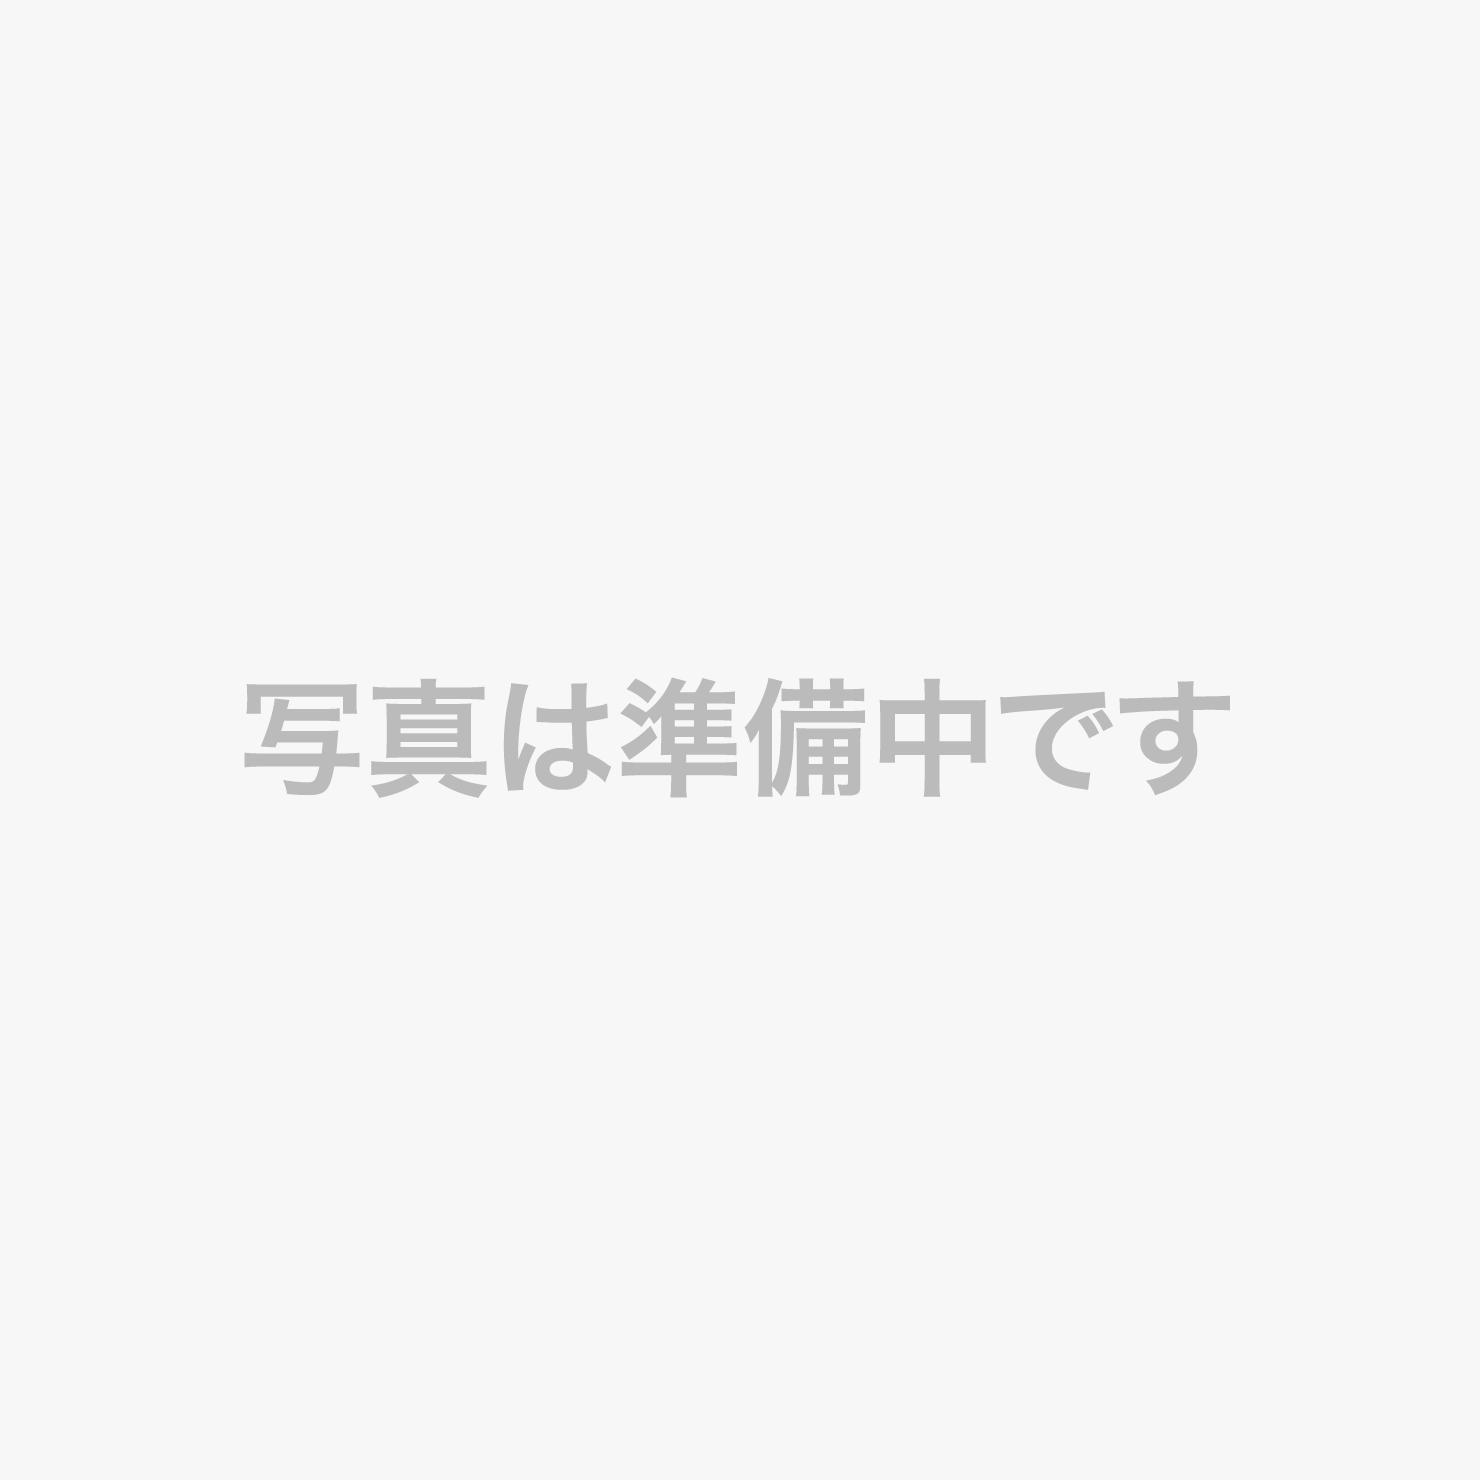 【貸切露天風呂】蔵王連峰のパノラマビューも貸切!静かなプライベート空間で楽しむ貸切露天風呂。要申込。